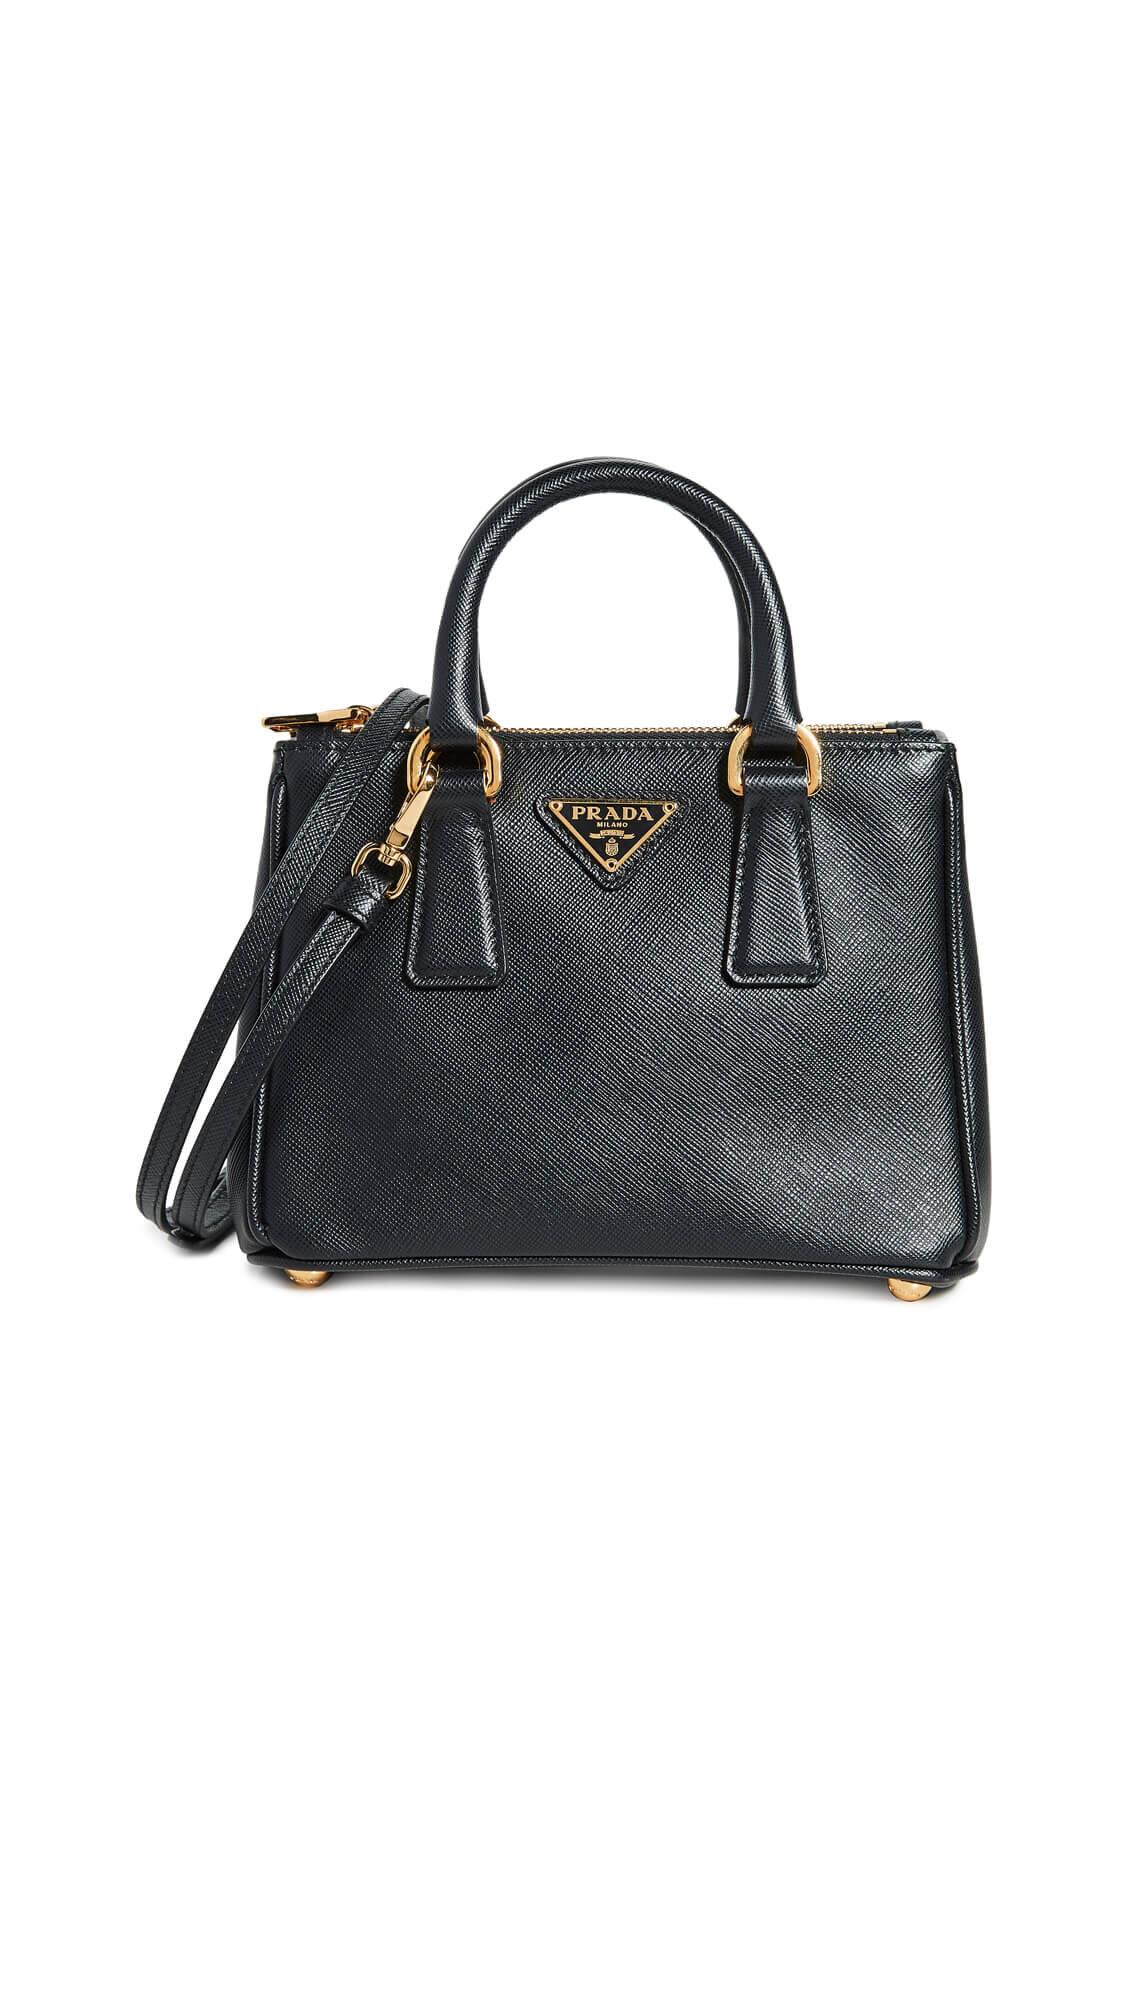 Prada Black Exec Tote Micro Bag